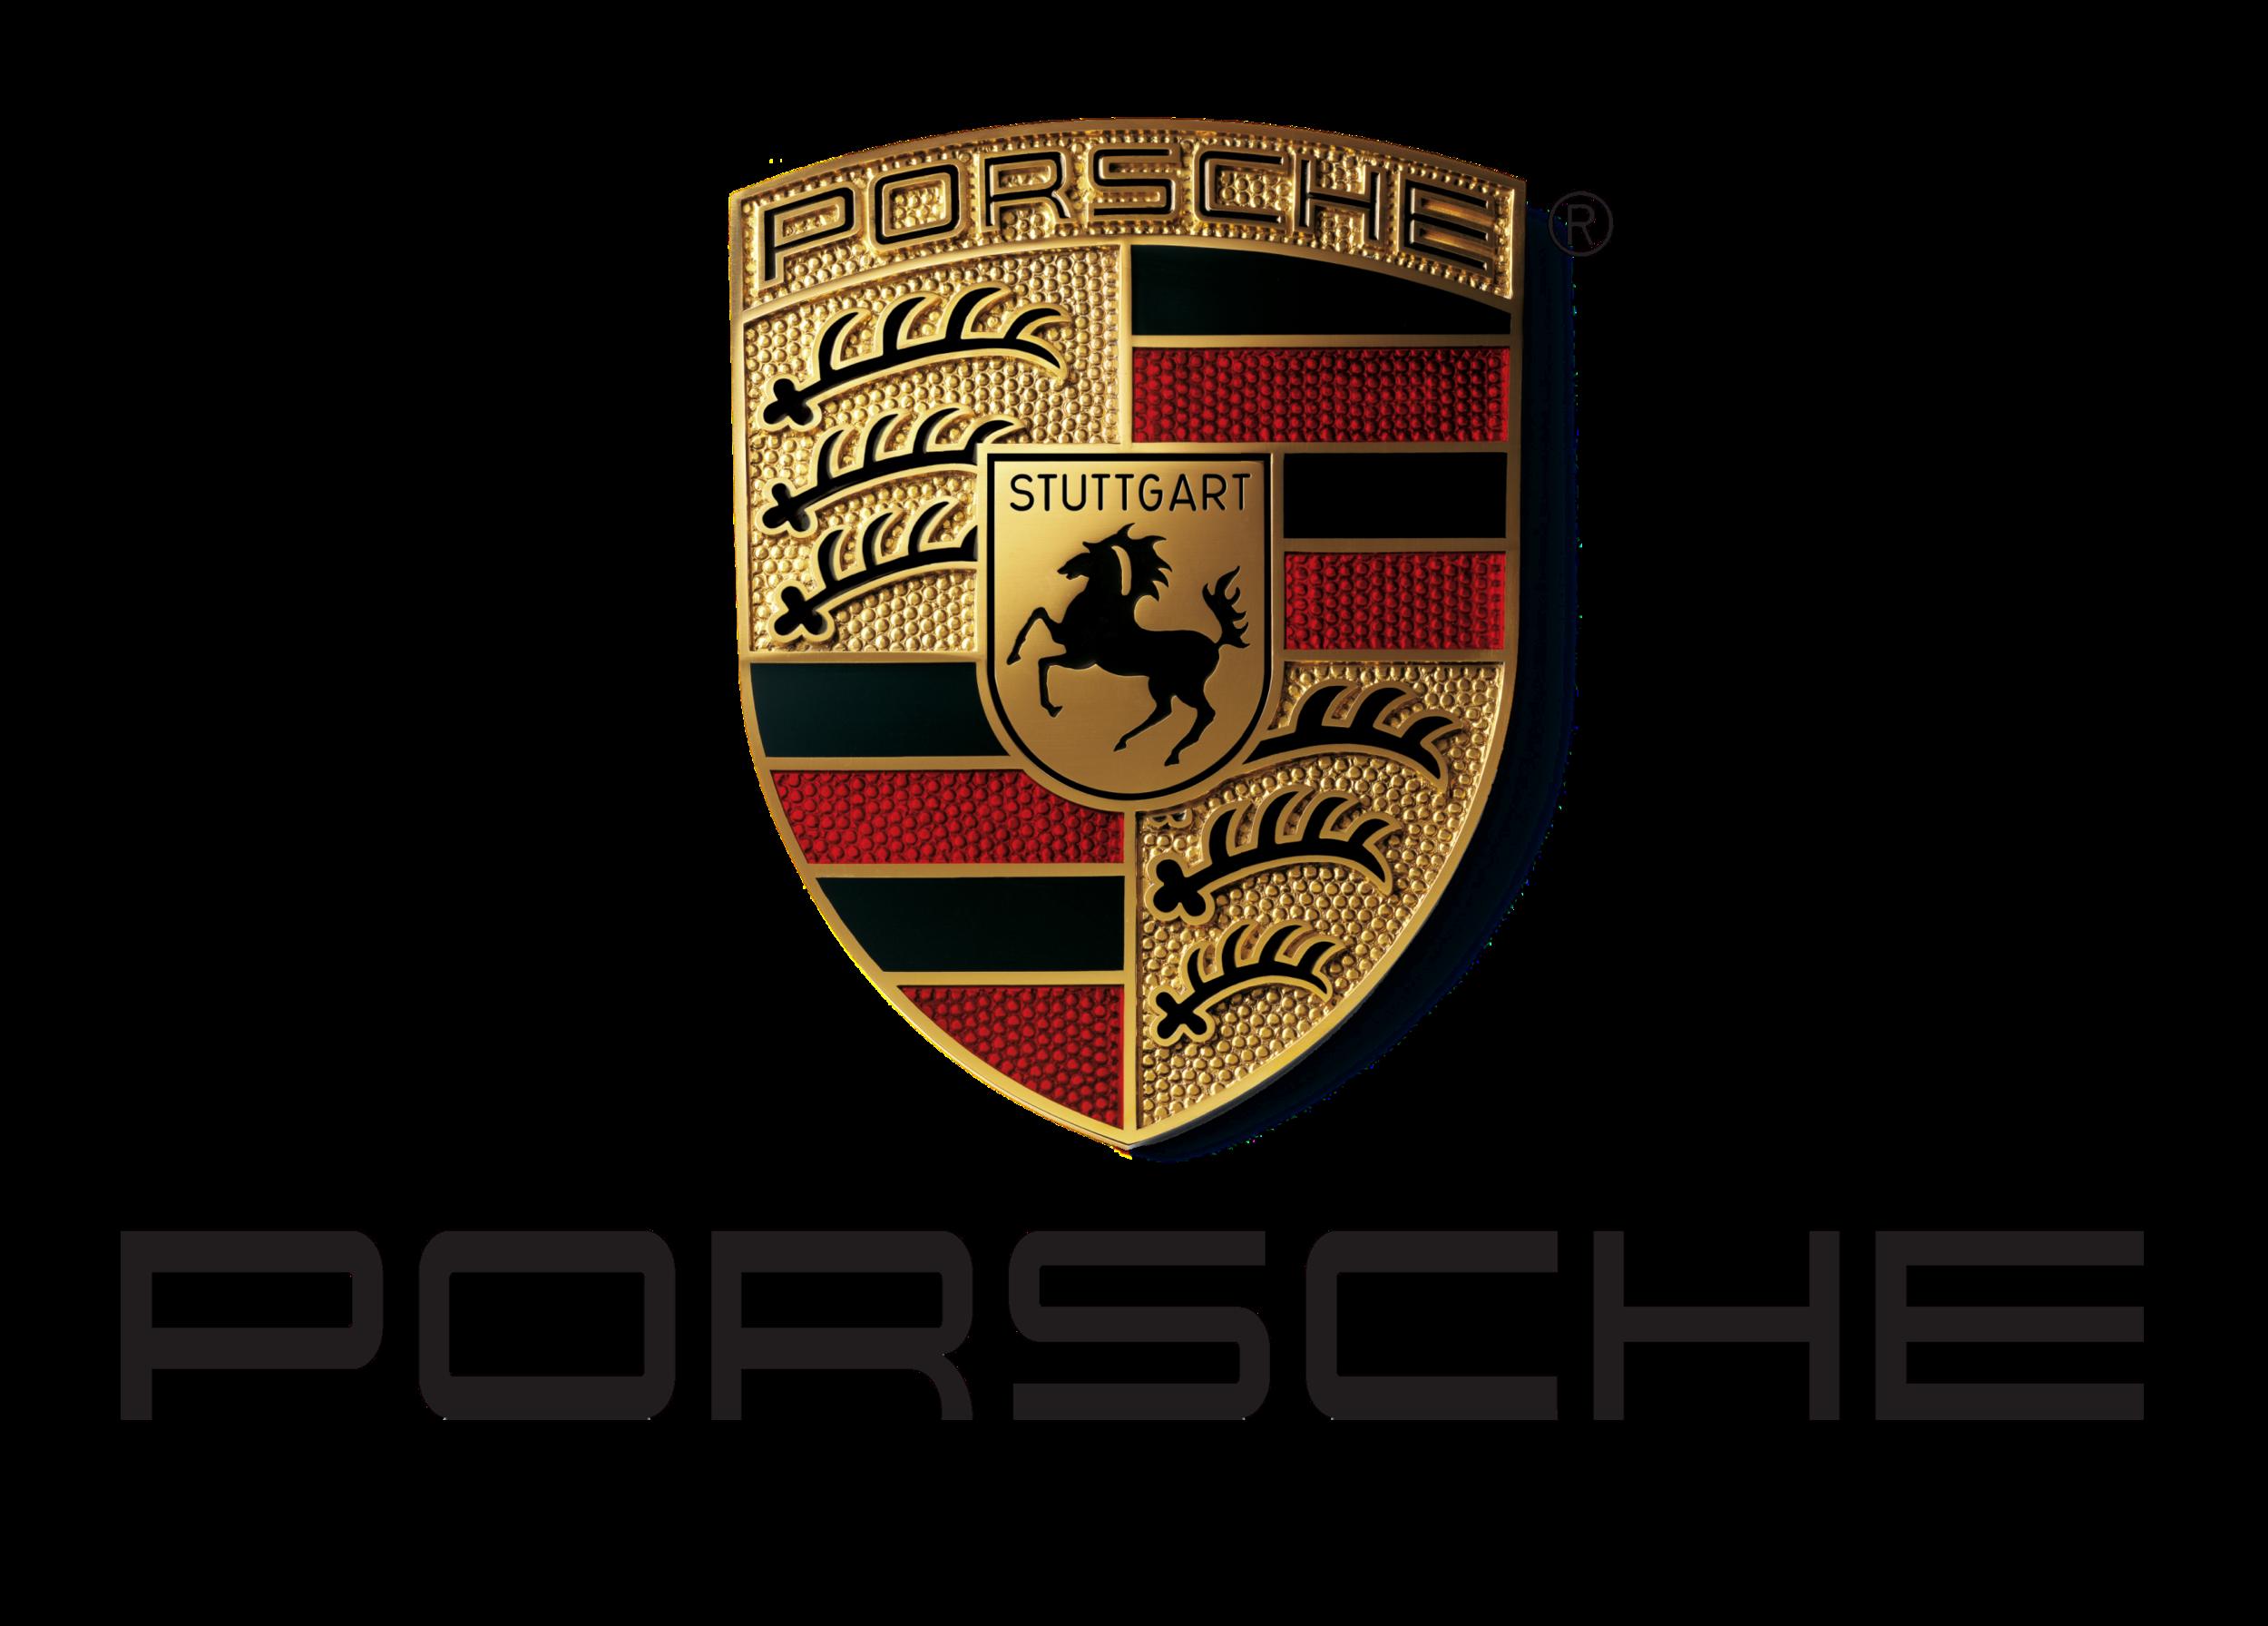 logo-Porsche.png